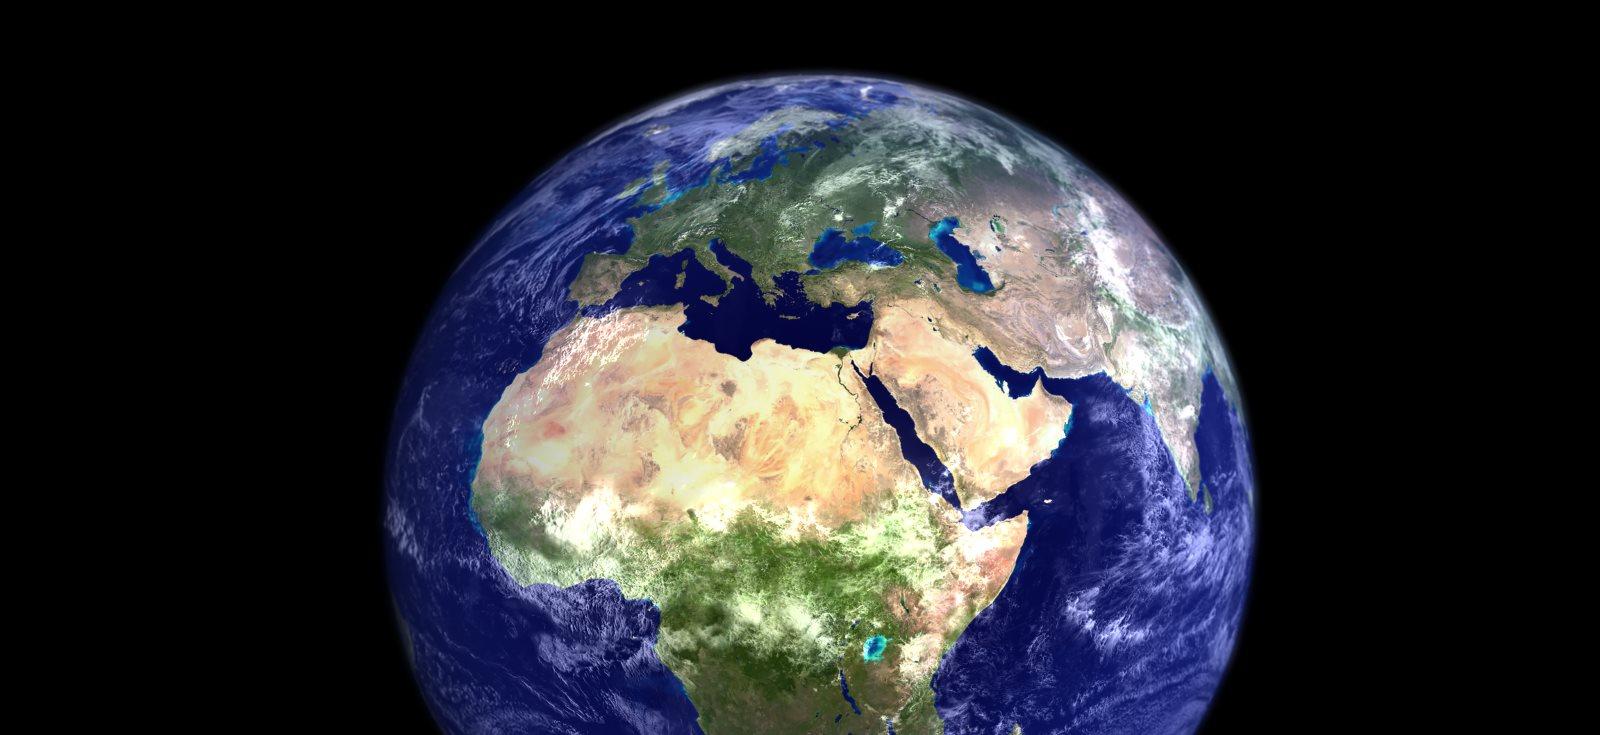 Erde vom Weltall